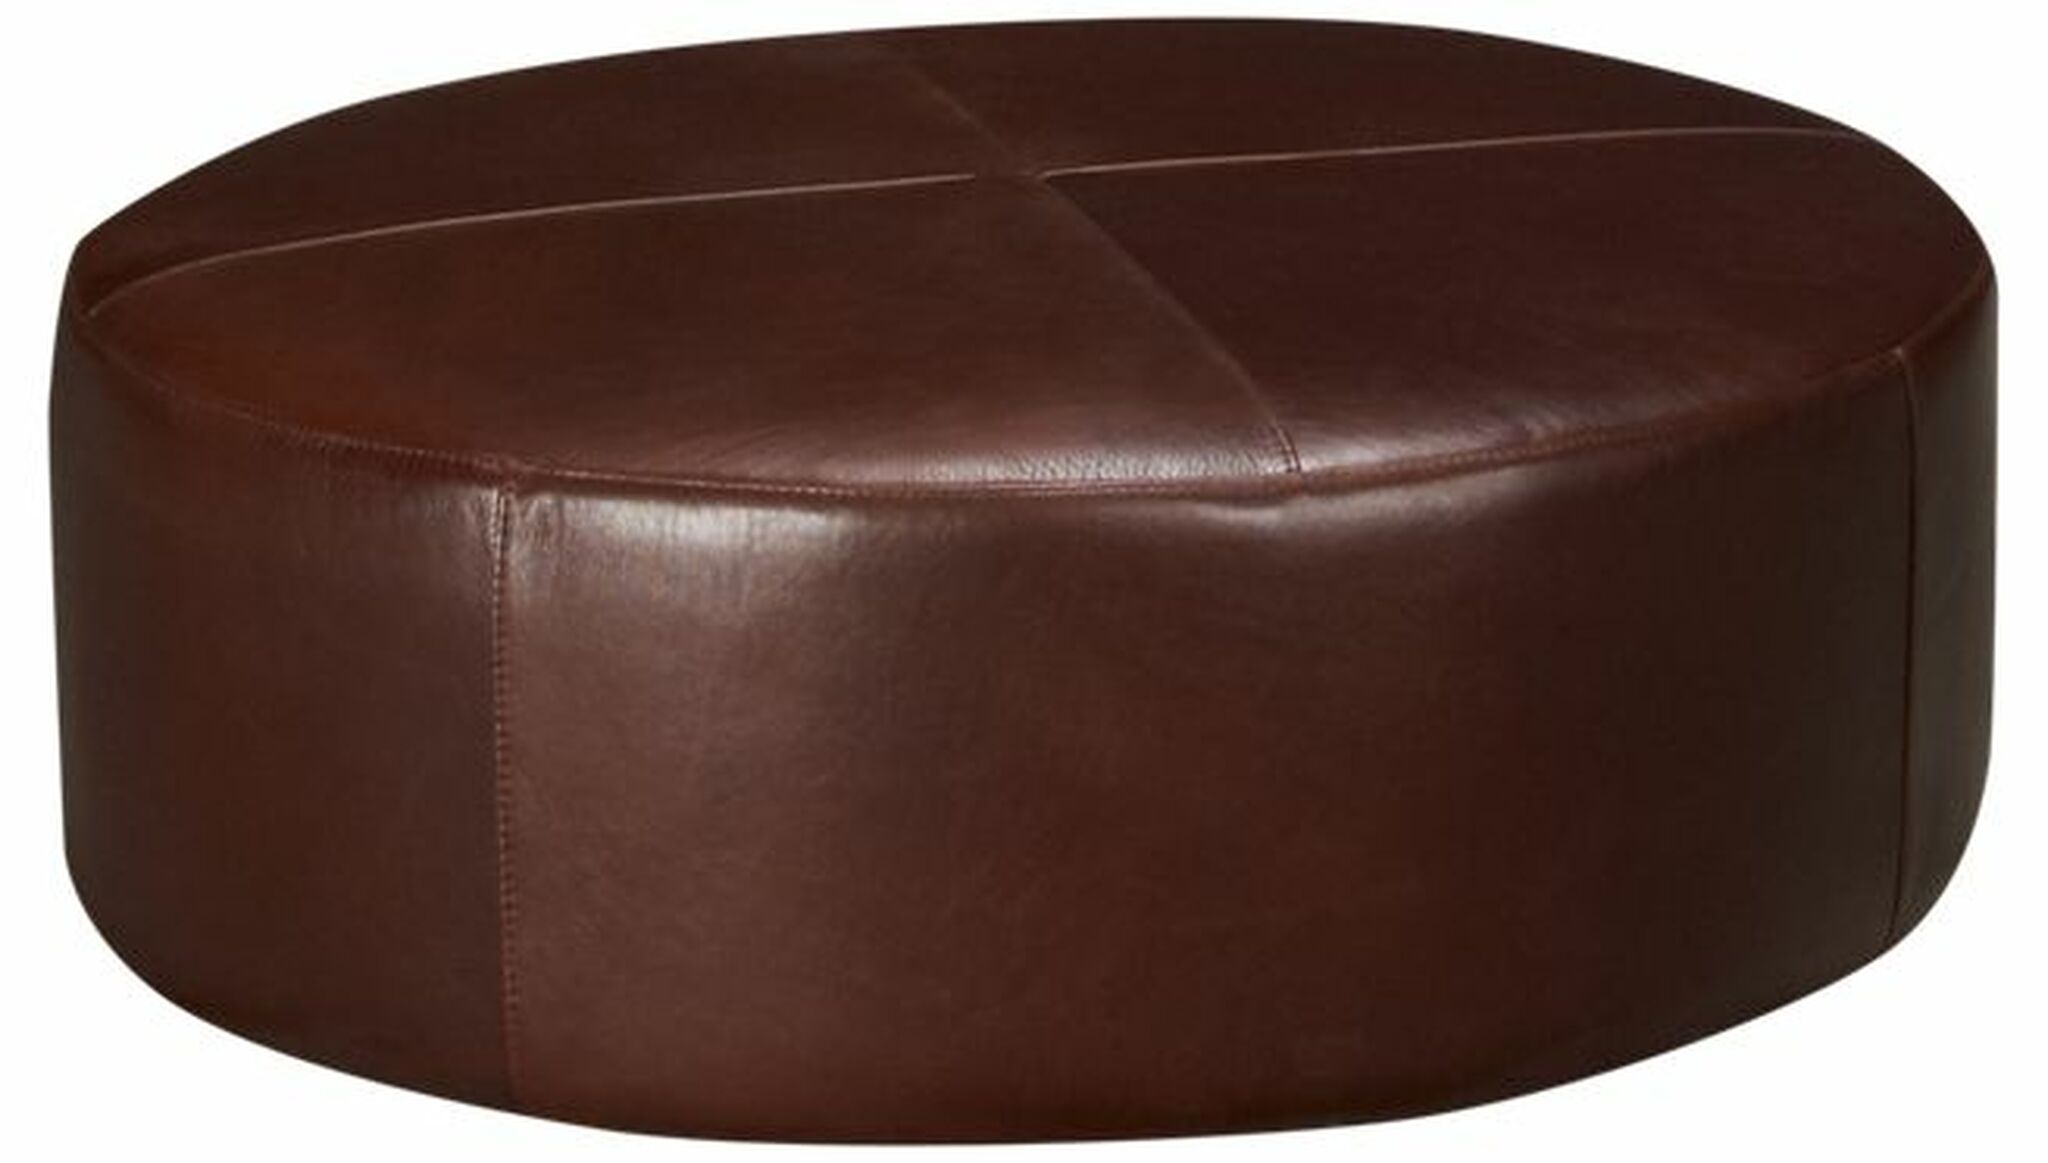 Round Leather Ottoman | Roy\'s Furniture Chicago | Designer ...